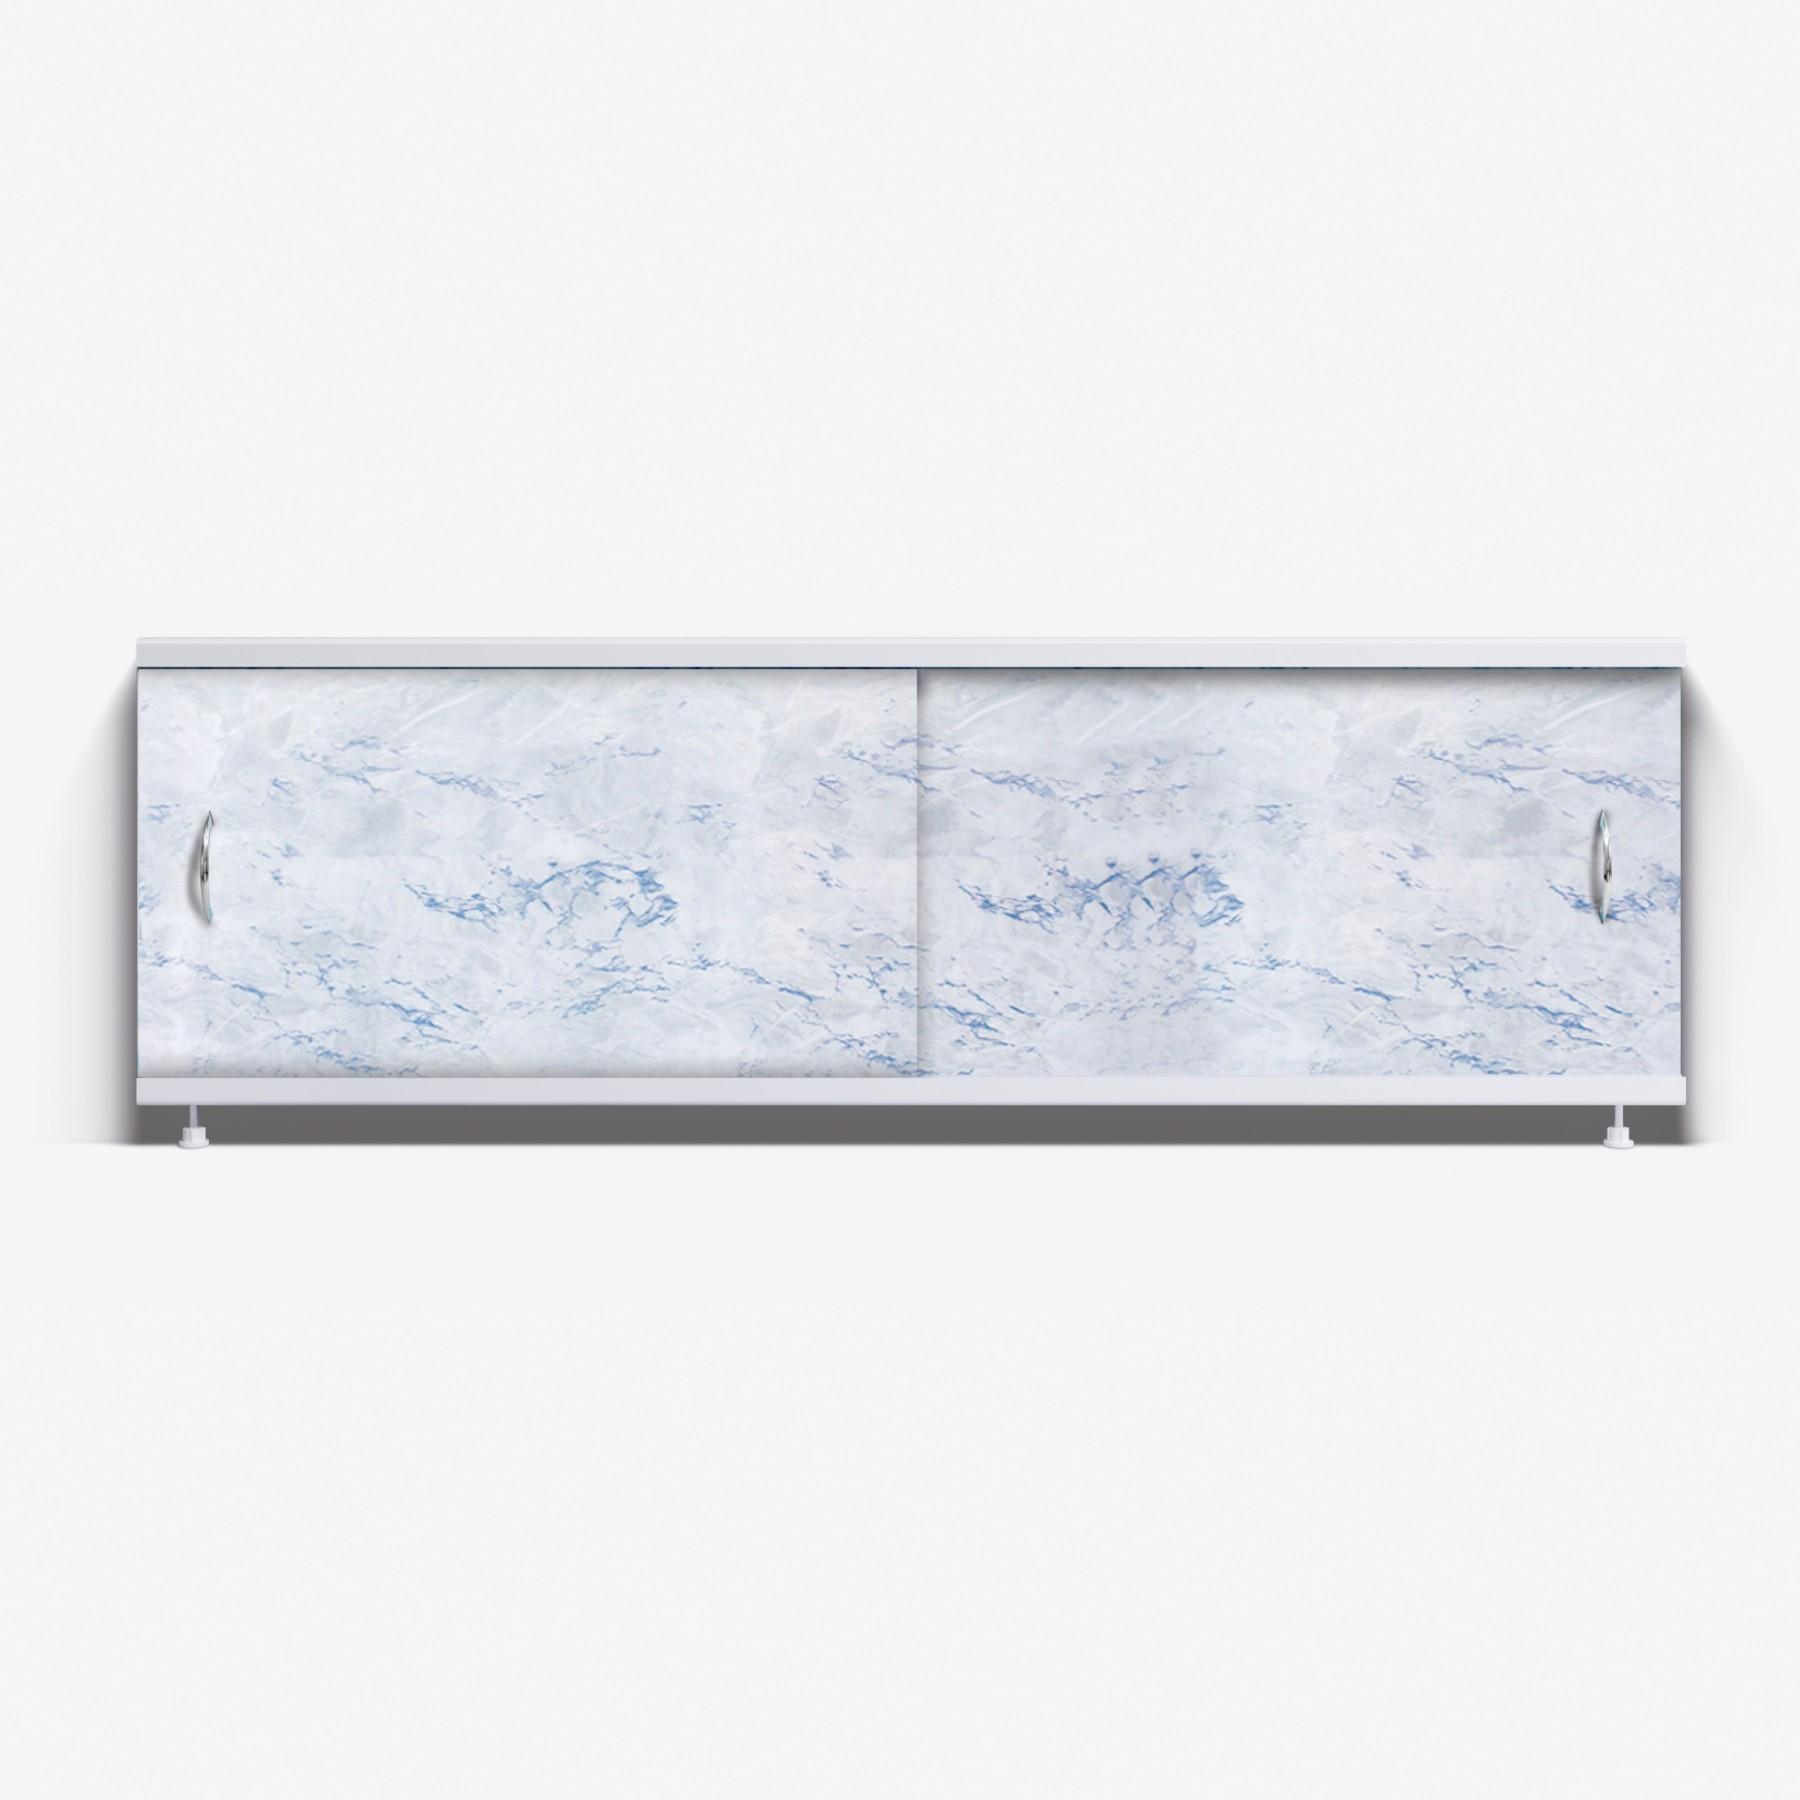 Экран под ванну Классик 170 серо-голубой мрамор